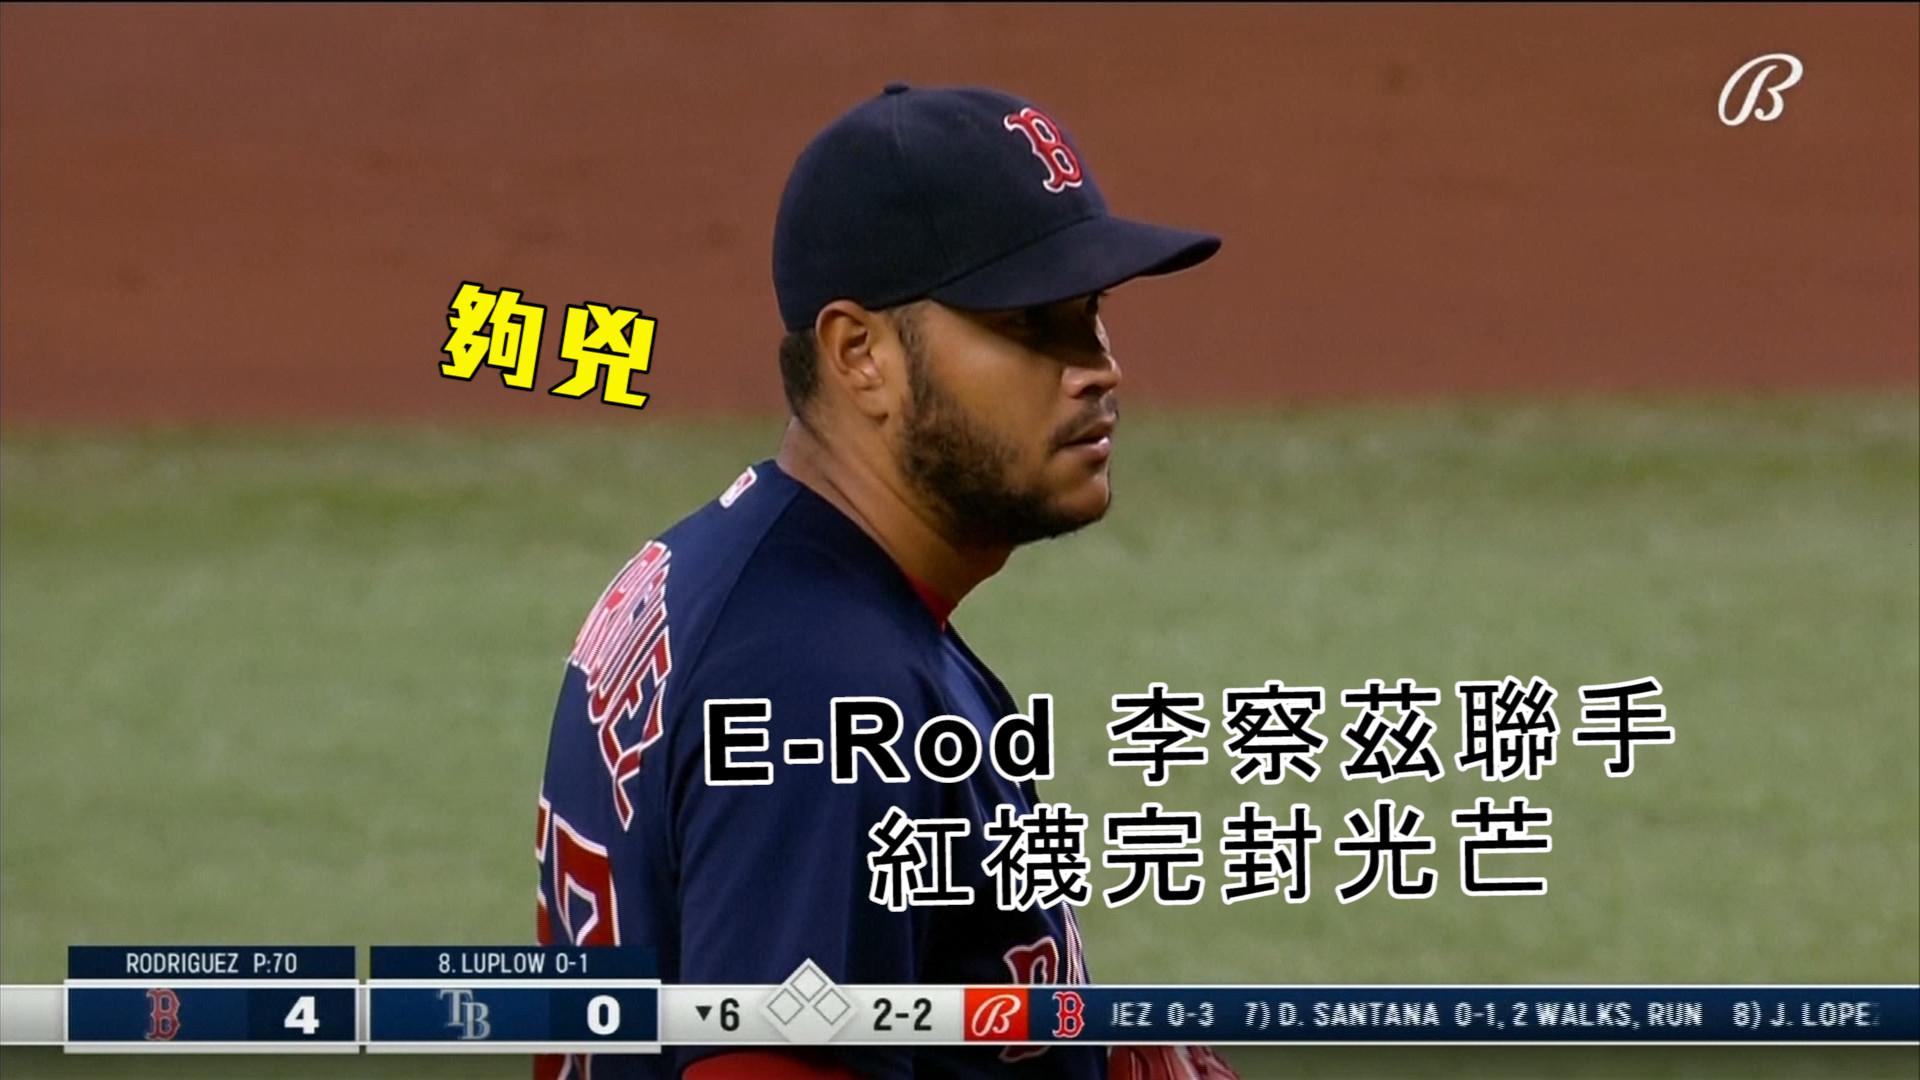 【MLB看愛爾達】E-Rod、李察茲聯手 紅襪完封光芒 09/03